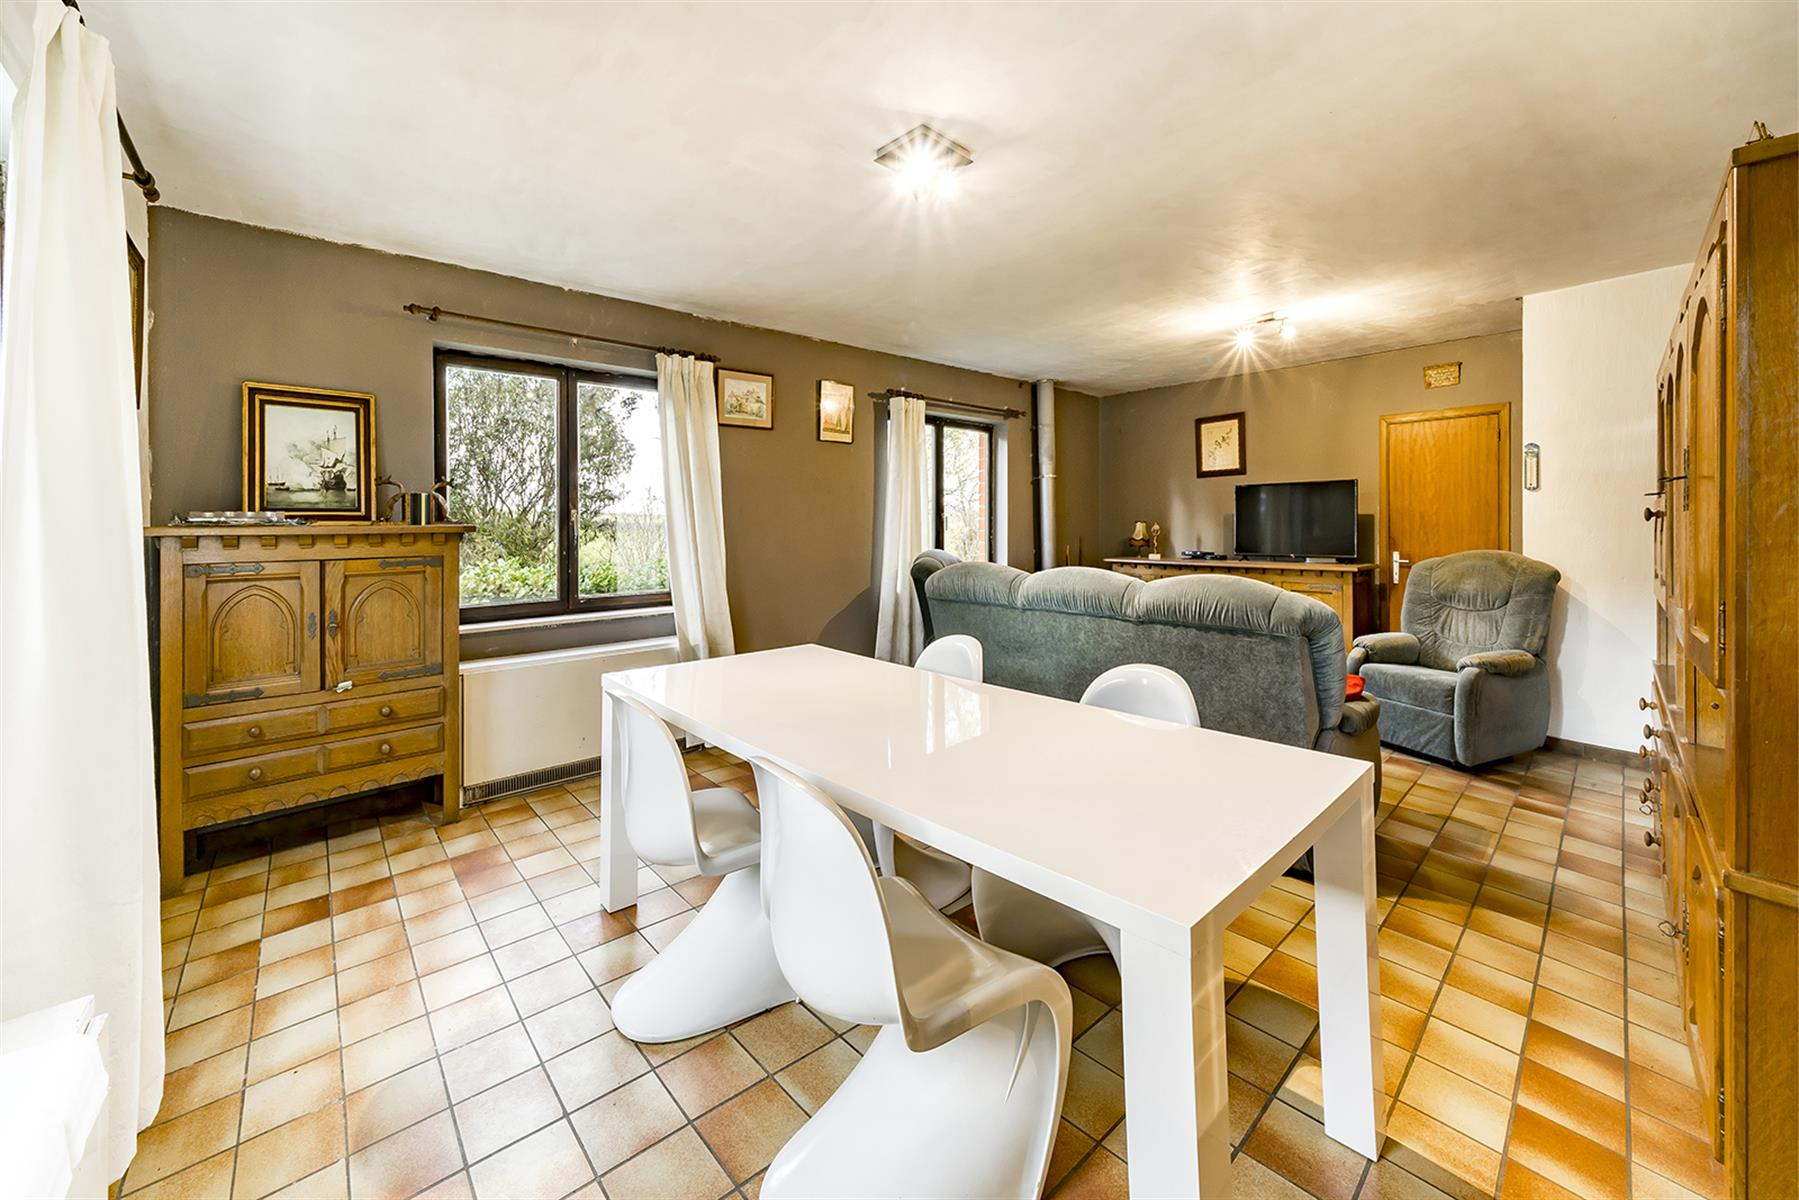 Maison unifamiliale - Orp-Jauche - #3623125-4